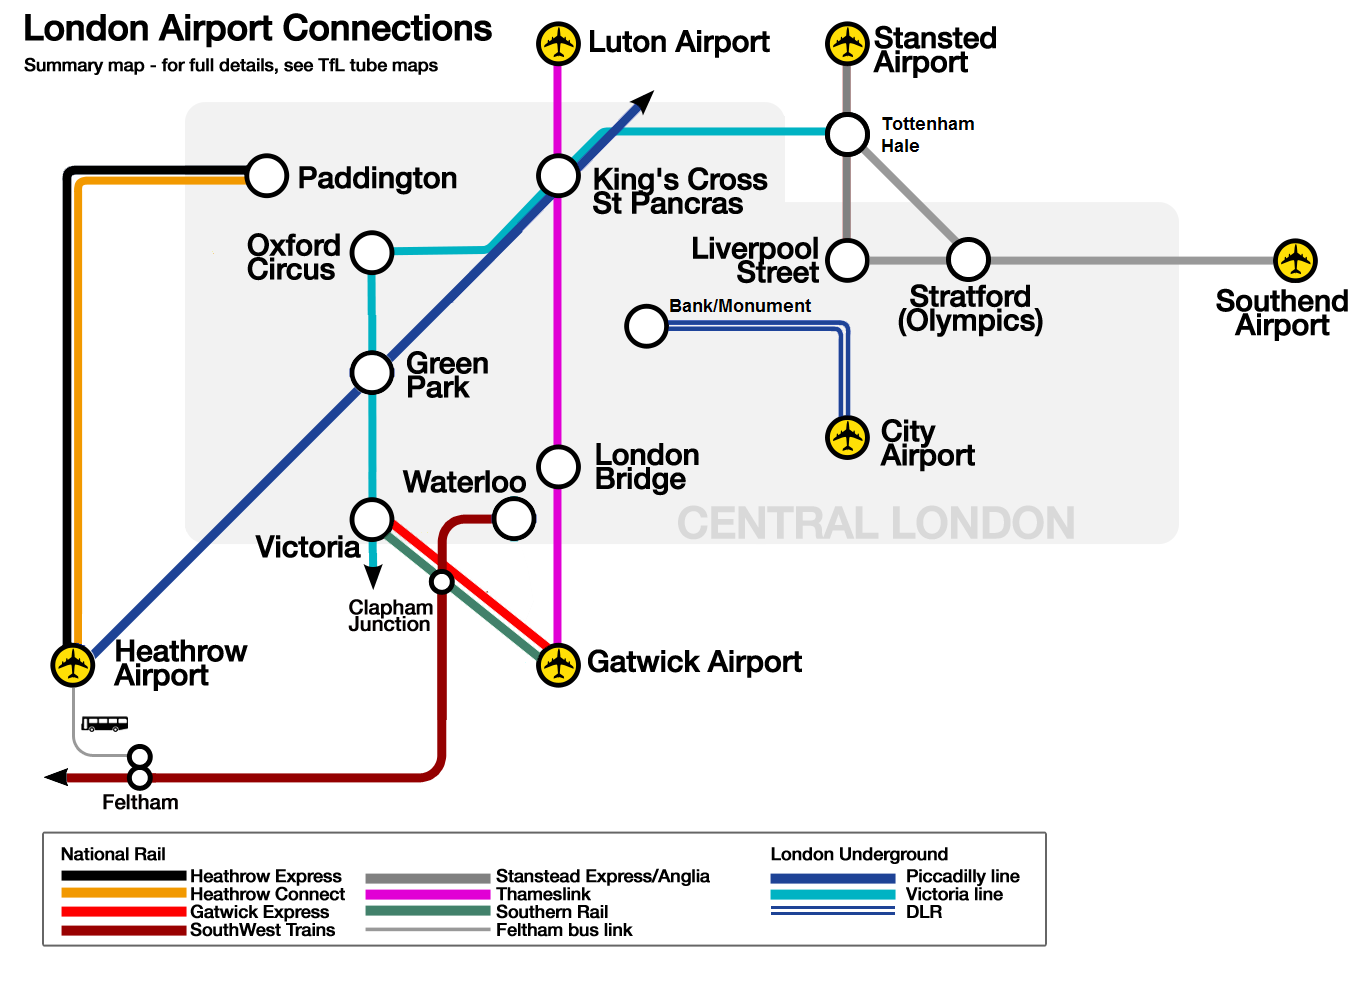 Londra Havalimanı Ulaşım Haritası